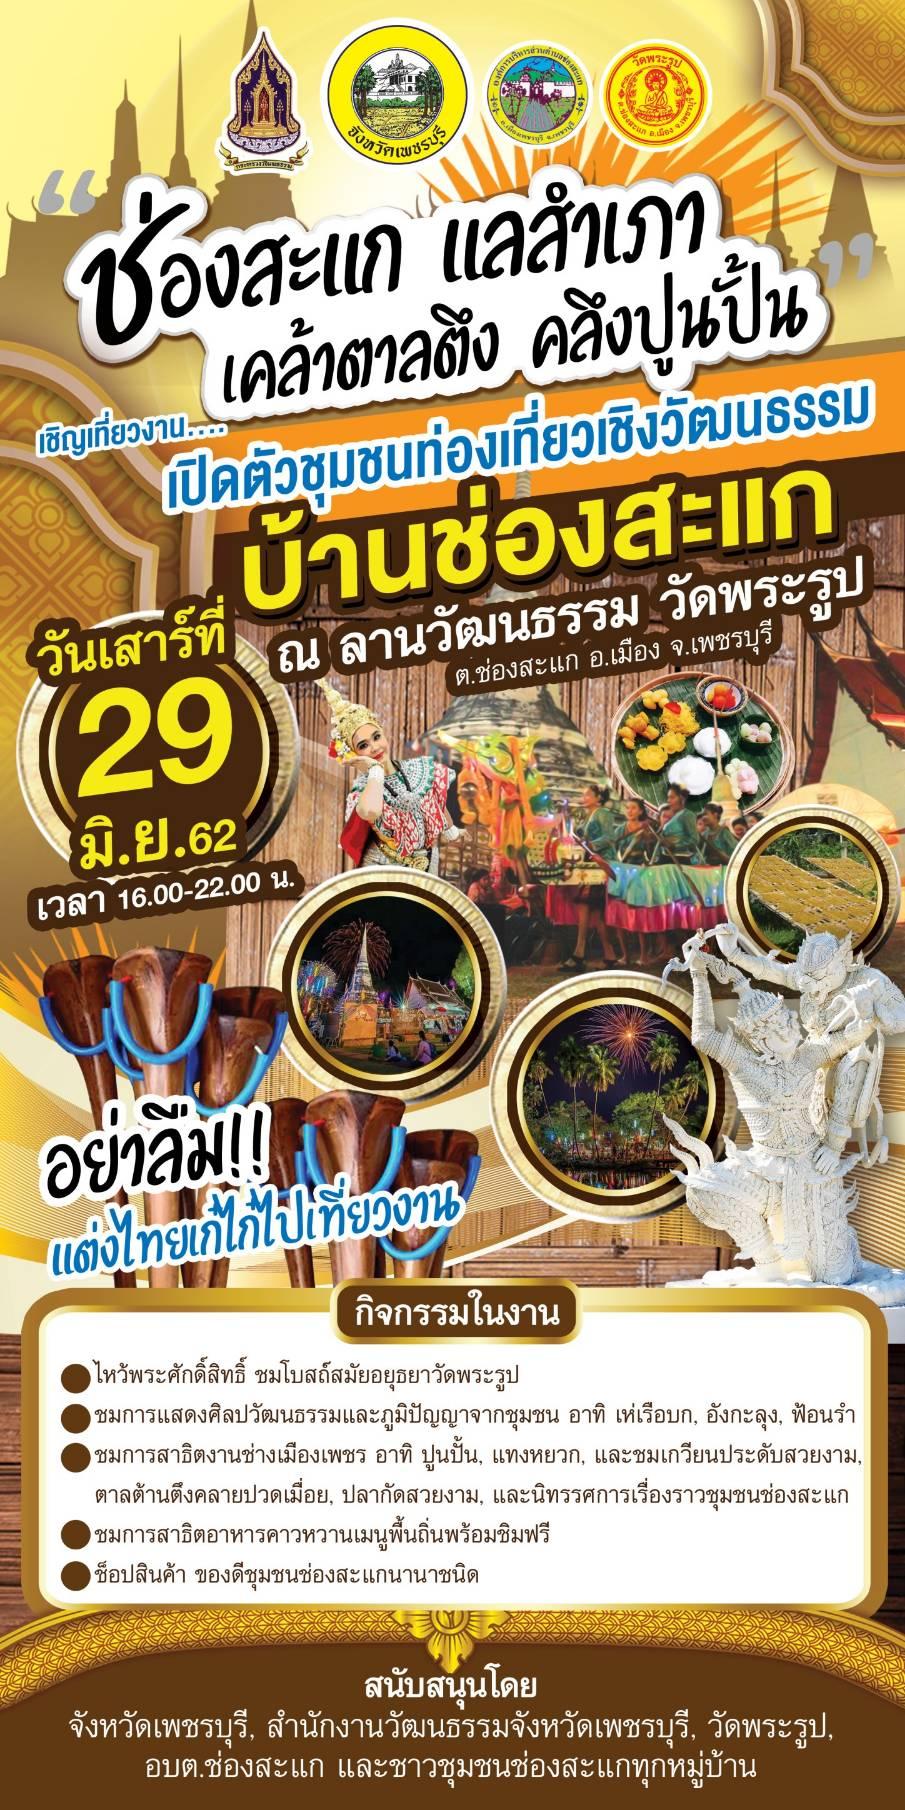 เปิดตัวชุมชนท่องเที่ยวเชิงวัฒนธรรมบ้านช่องสะแก ประจำปี 2562 จ.เพชรบุรี